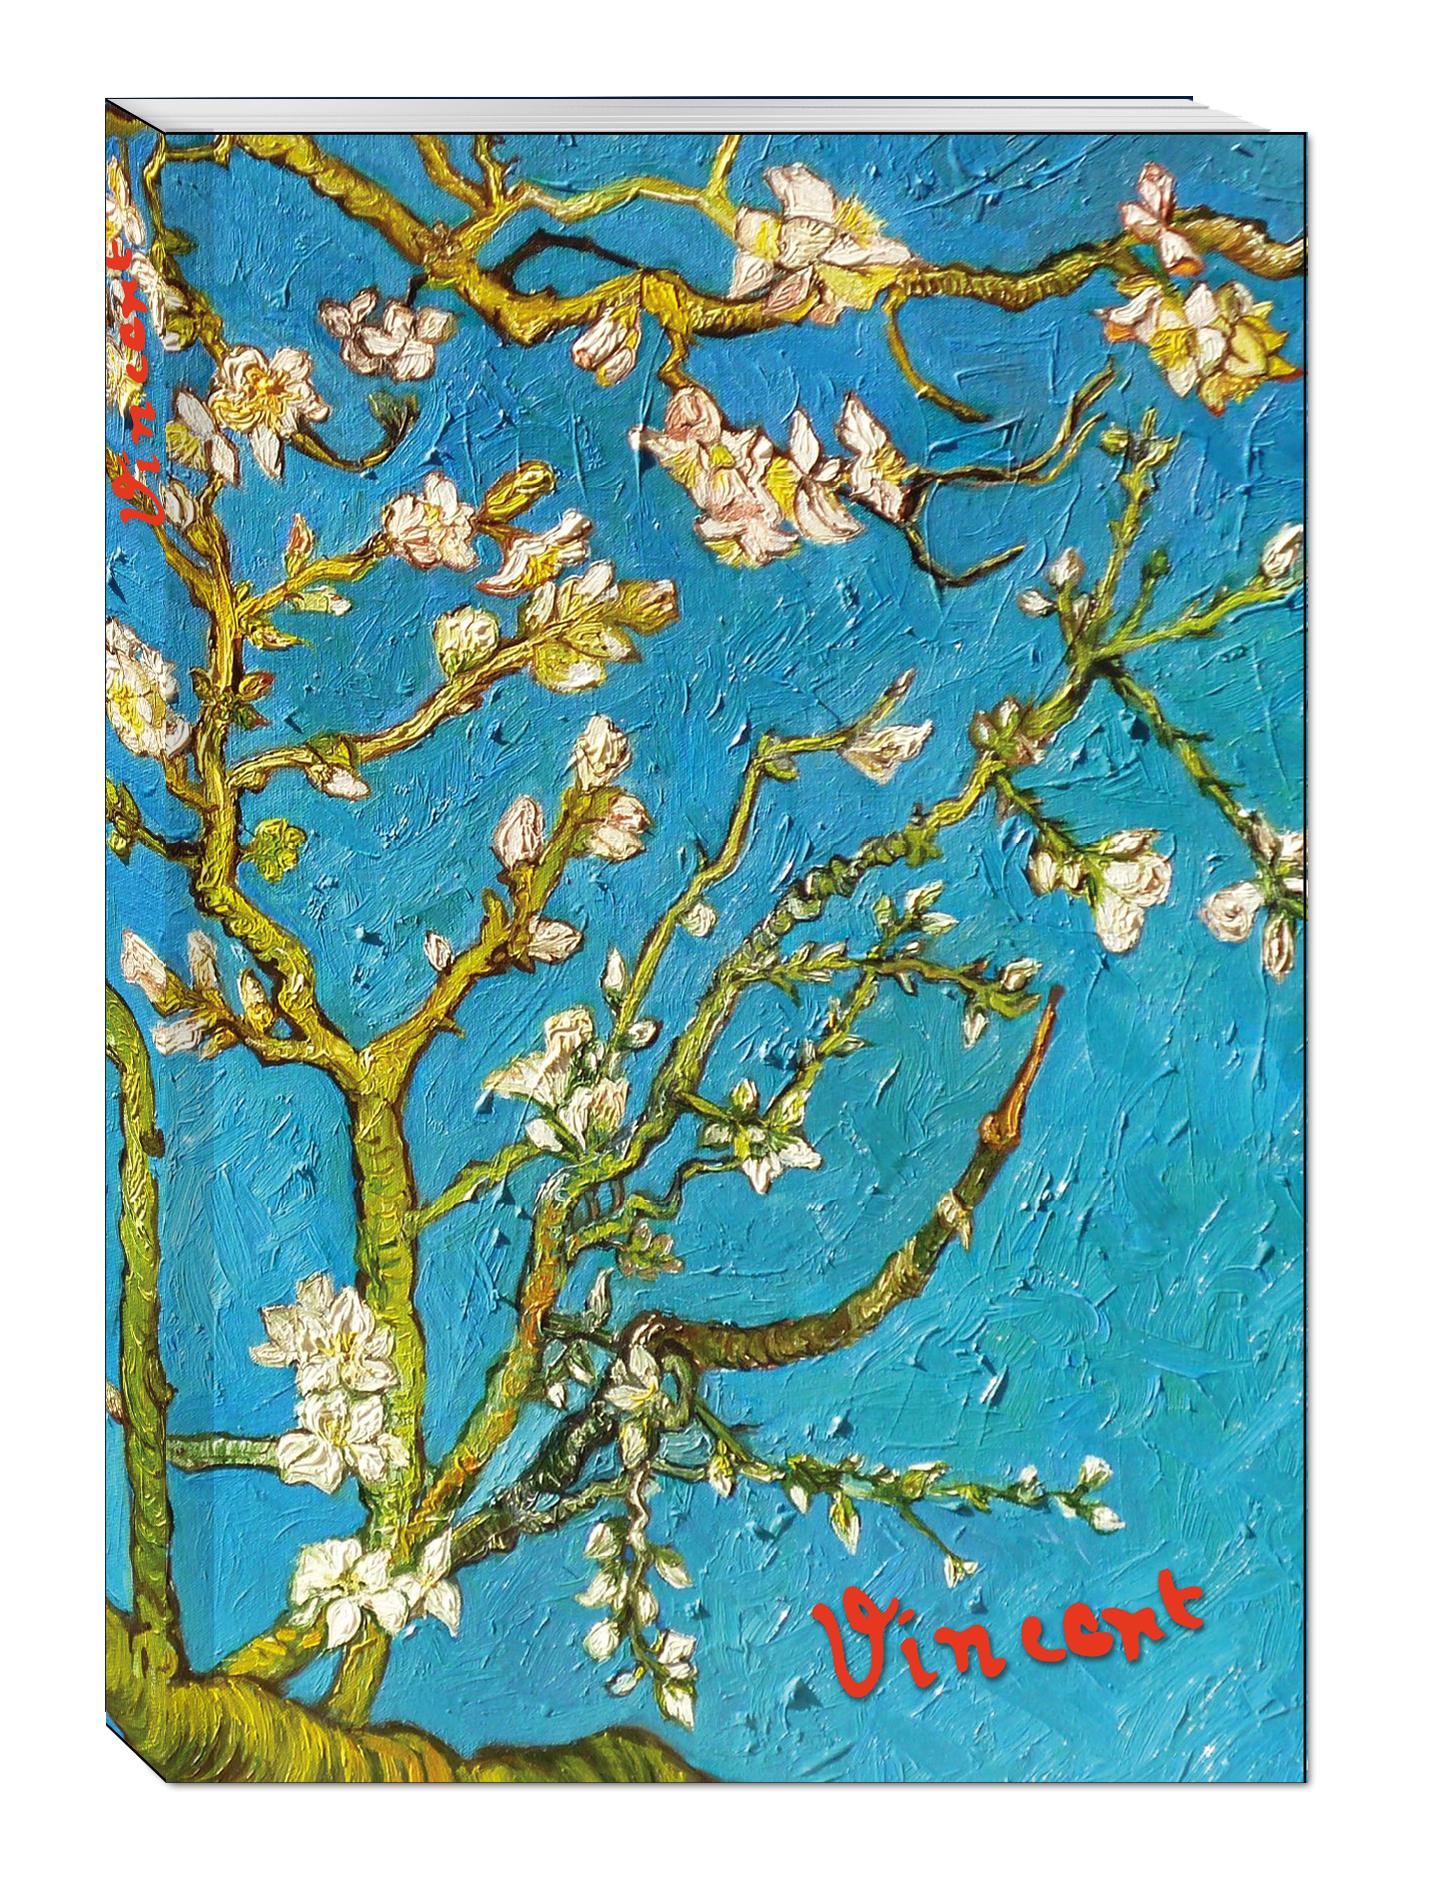 Блокнот в пластиковой обложке. Ван Гог. Цветущие ветки миндаля (формат А5, 160 стр.) (Арте) блокнот в пластиковой обложке моне терраса в сент адресс формат а5 160 стр арте